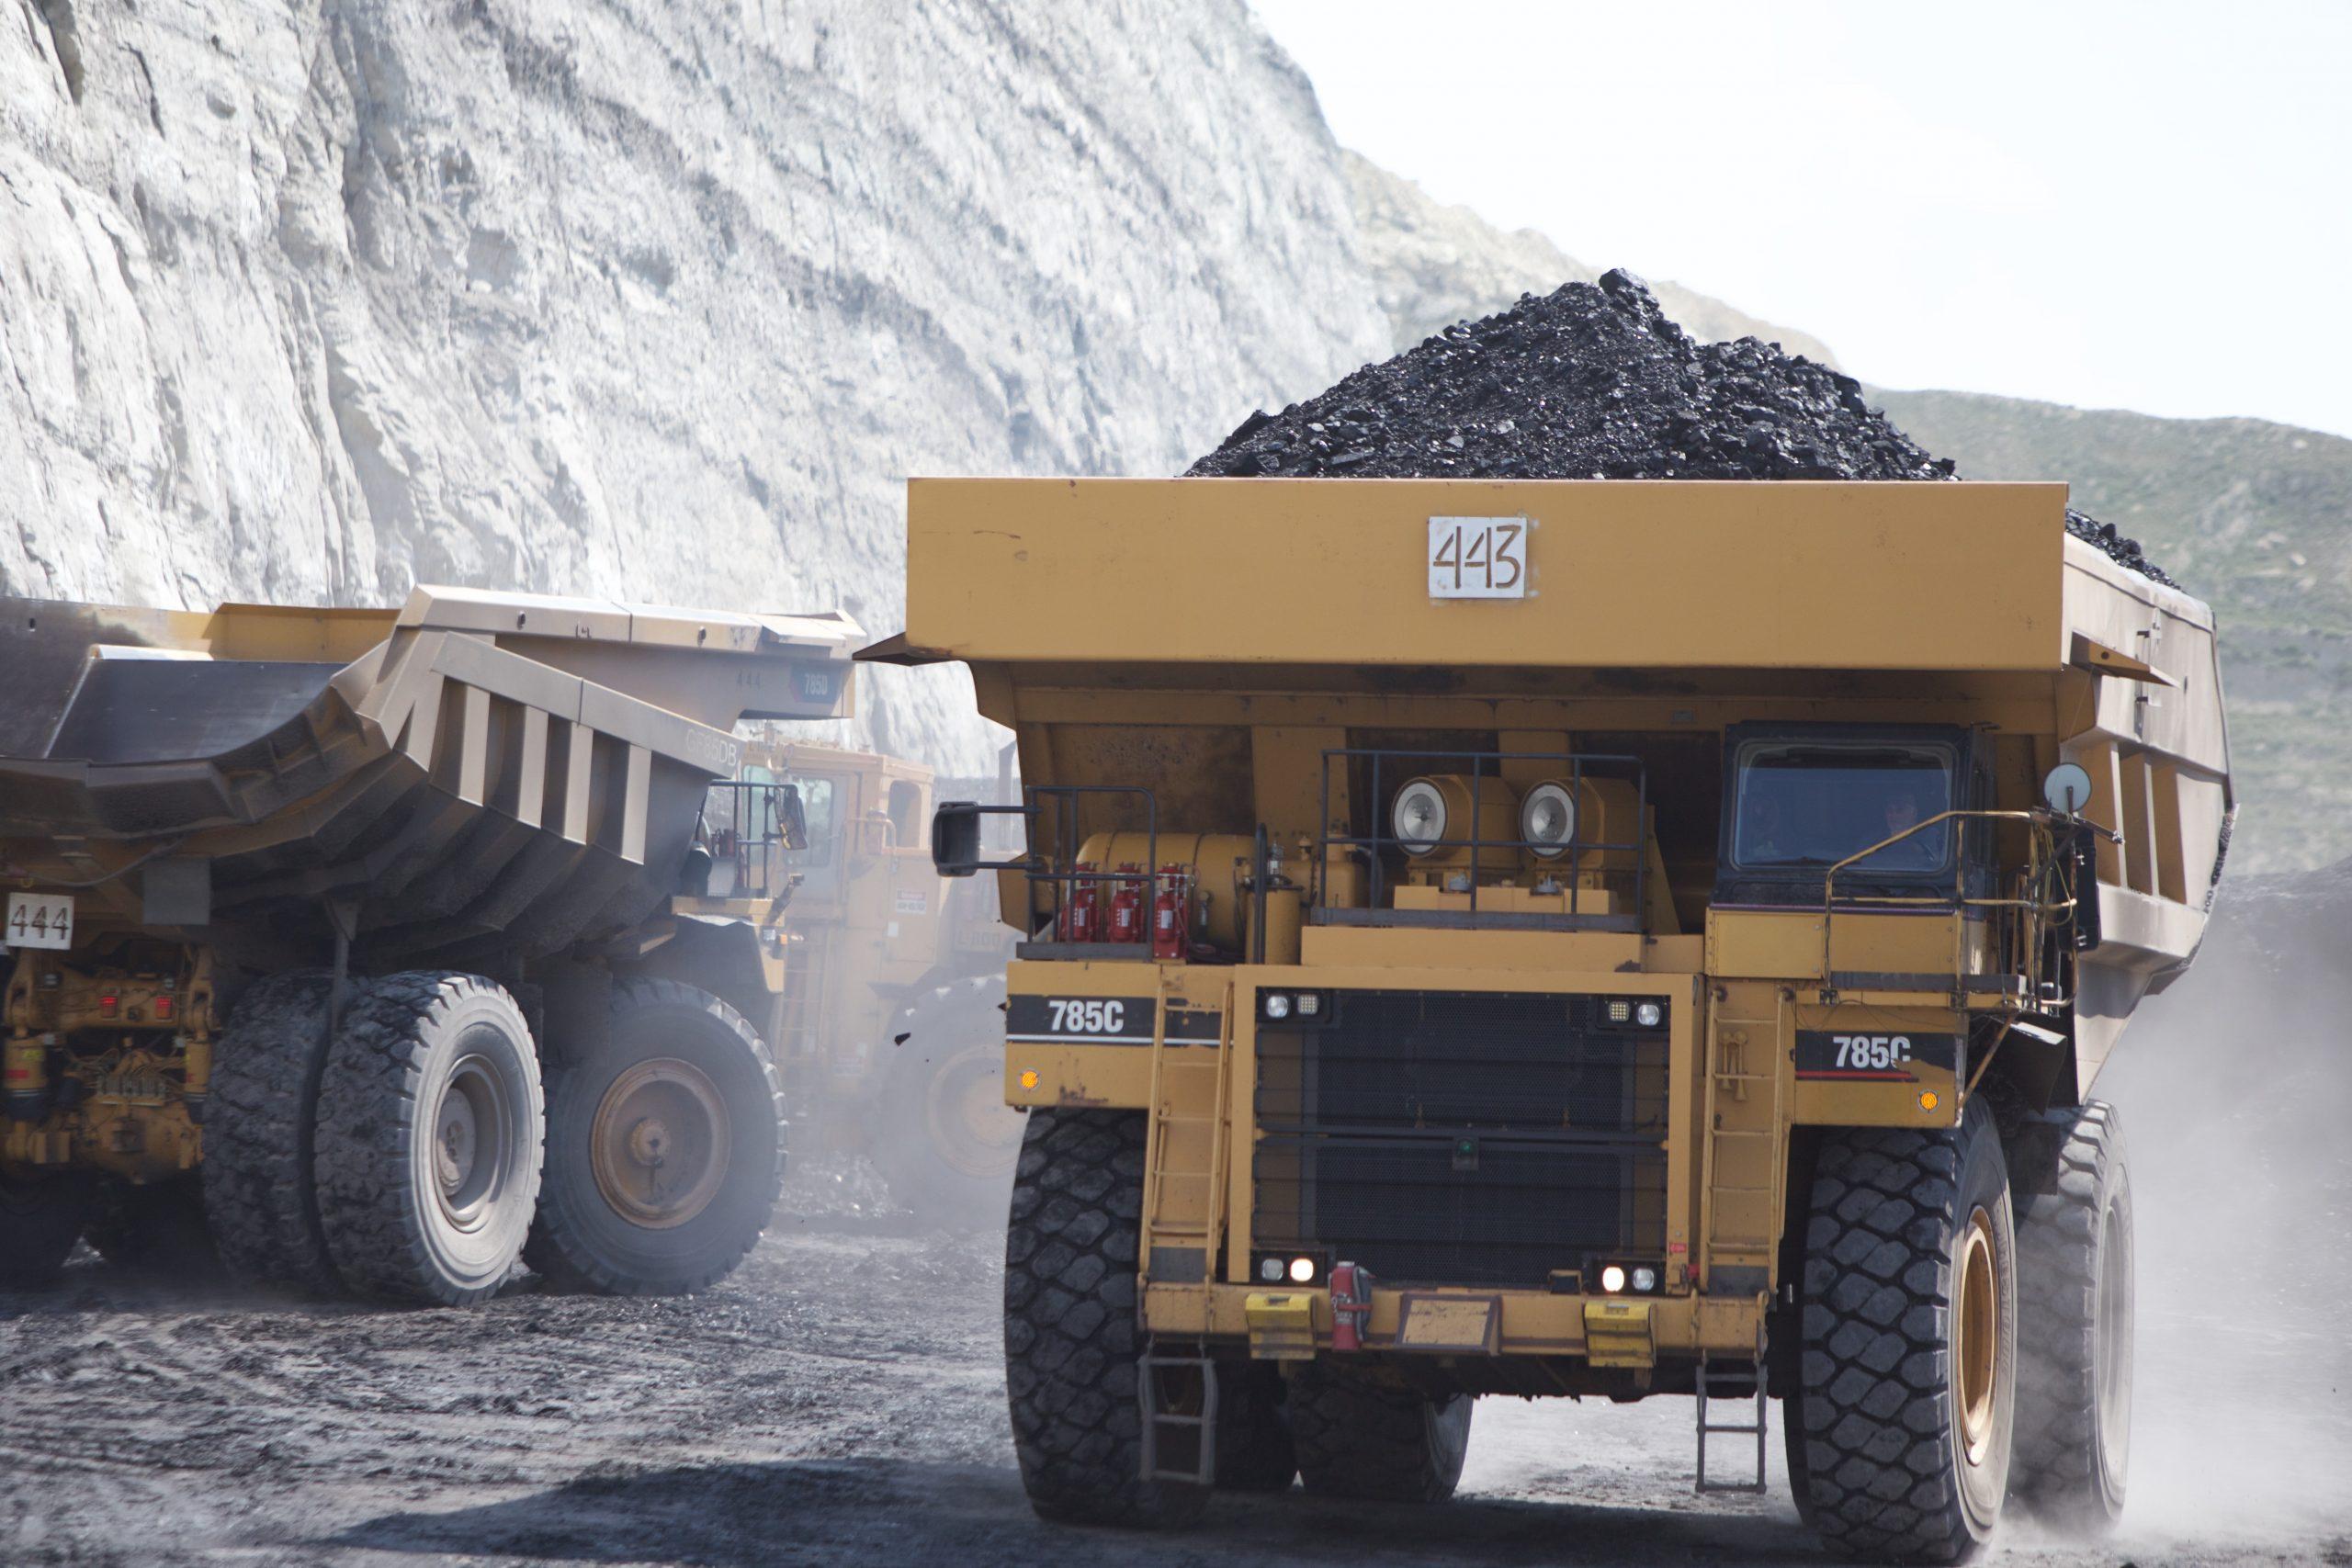 Jim Bridger Surface Coal Mine Celebrates One Year Without Injury